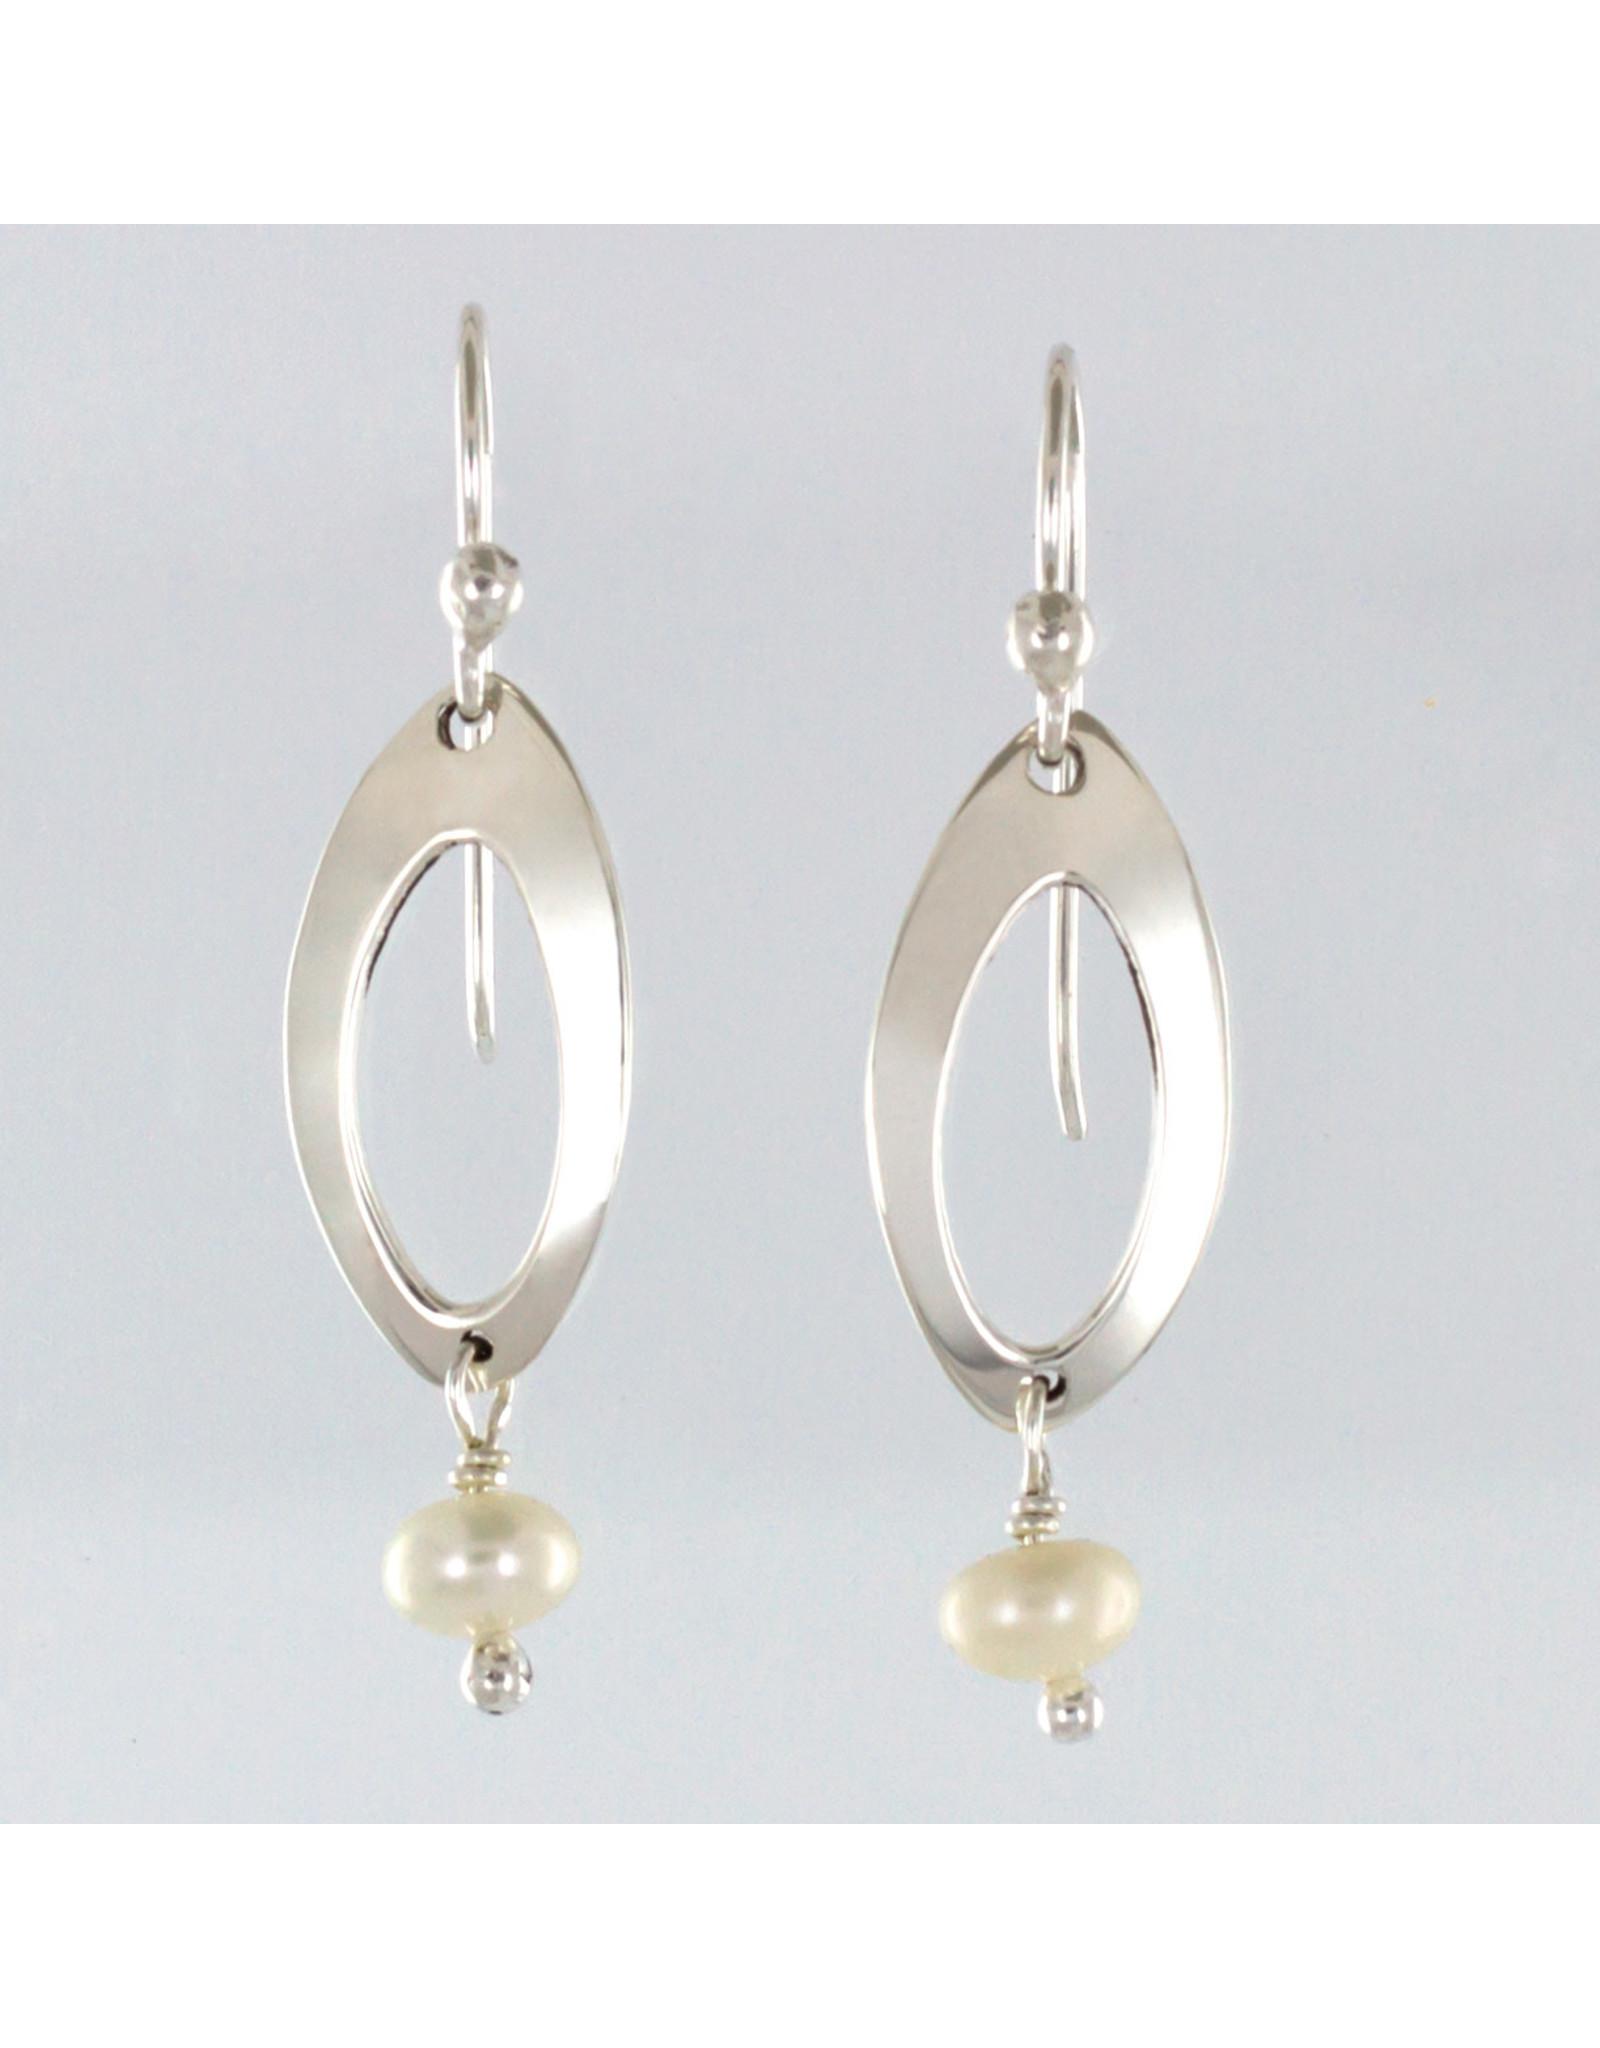 Cutout Oval w/ White FWP Earrings